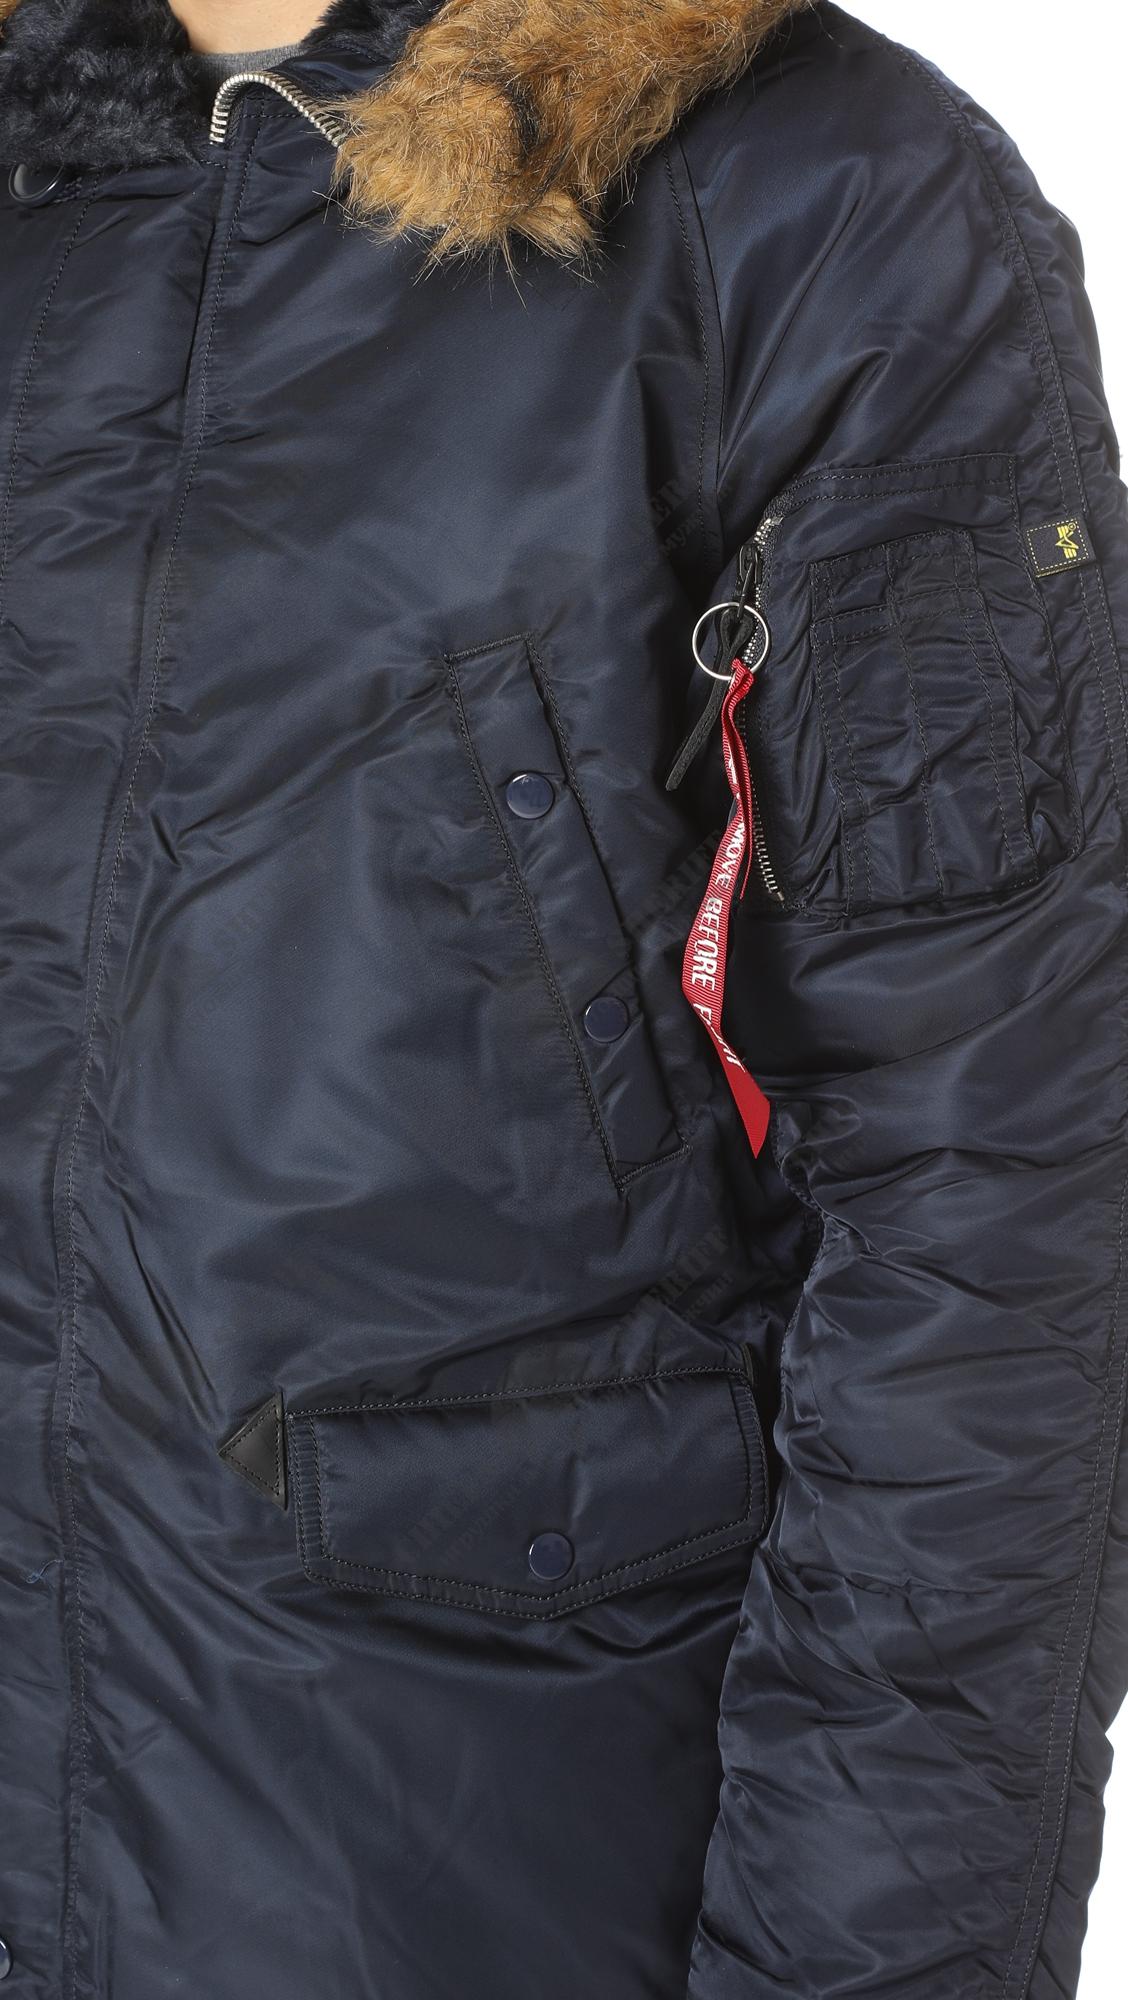 353214a257309 ... Куртка аляска Alpha Industries slim Fit N-3B, Parka, blue-orange